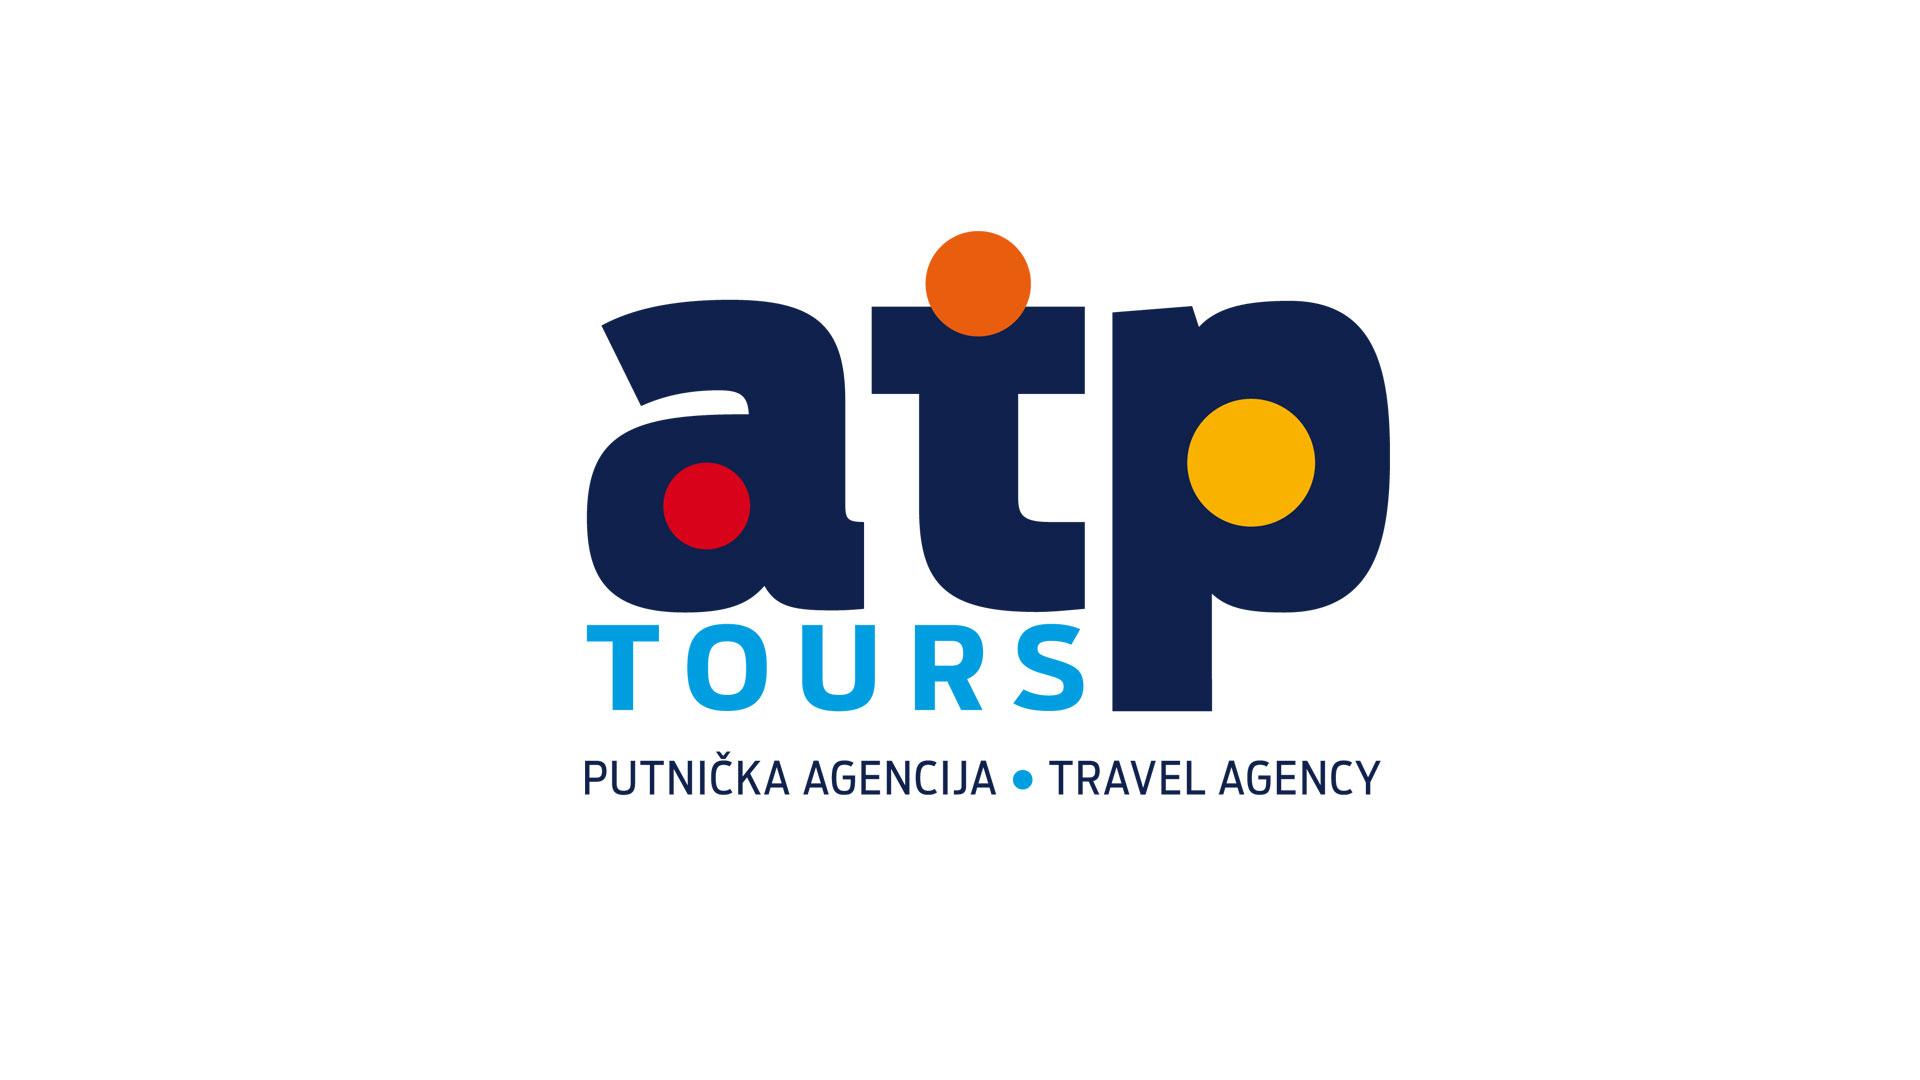 Logotip putničke agencije